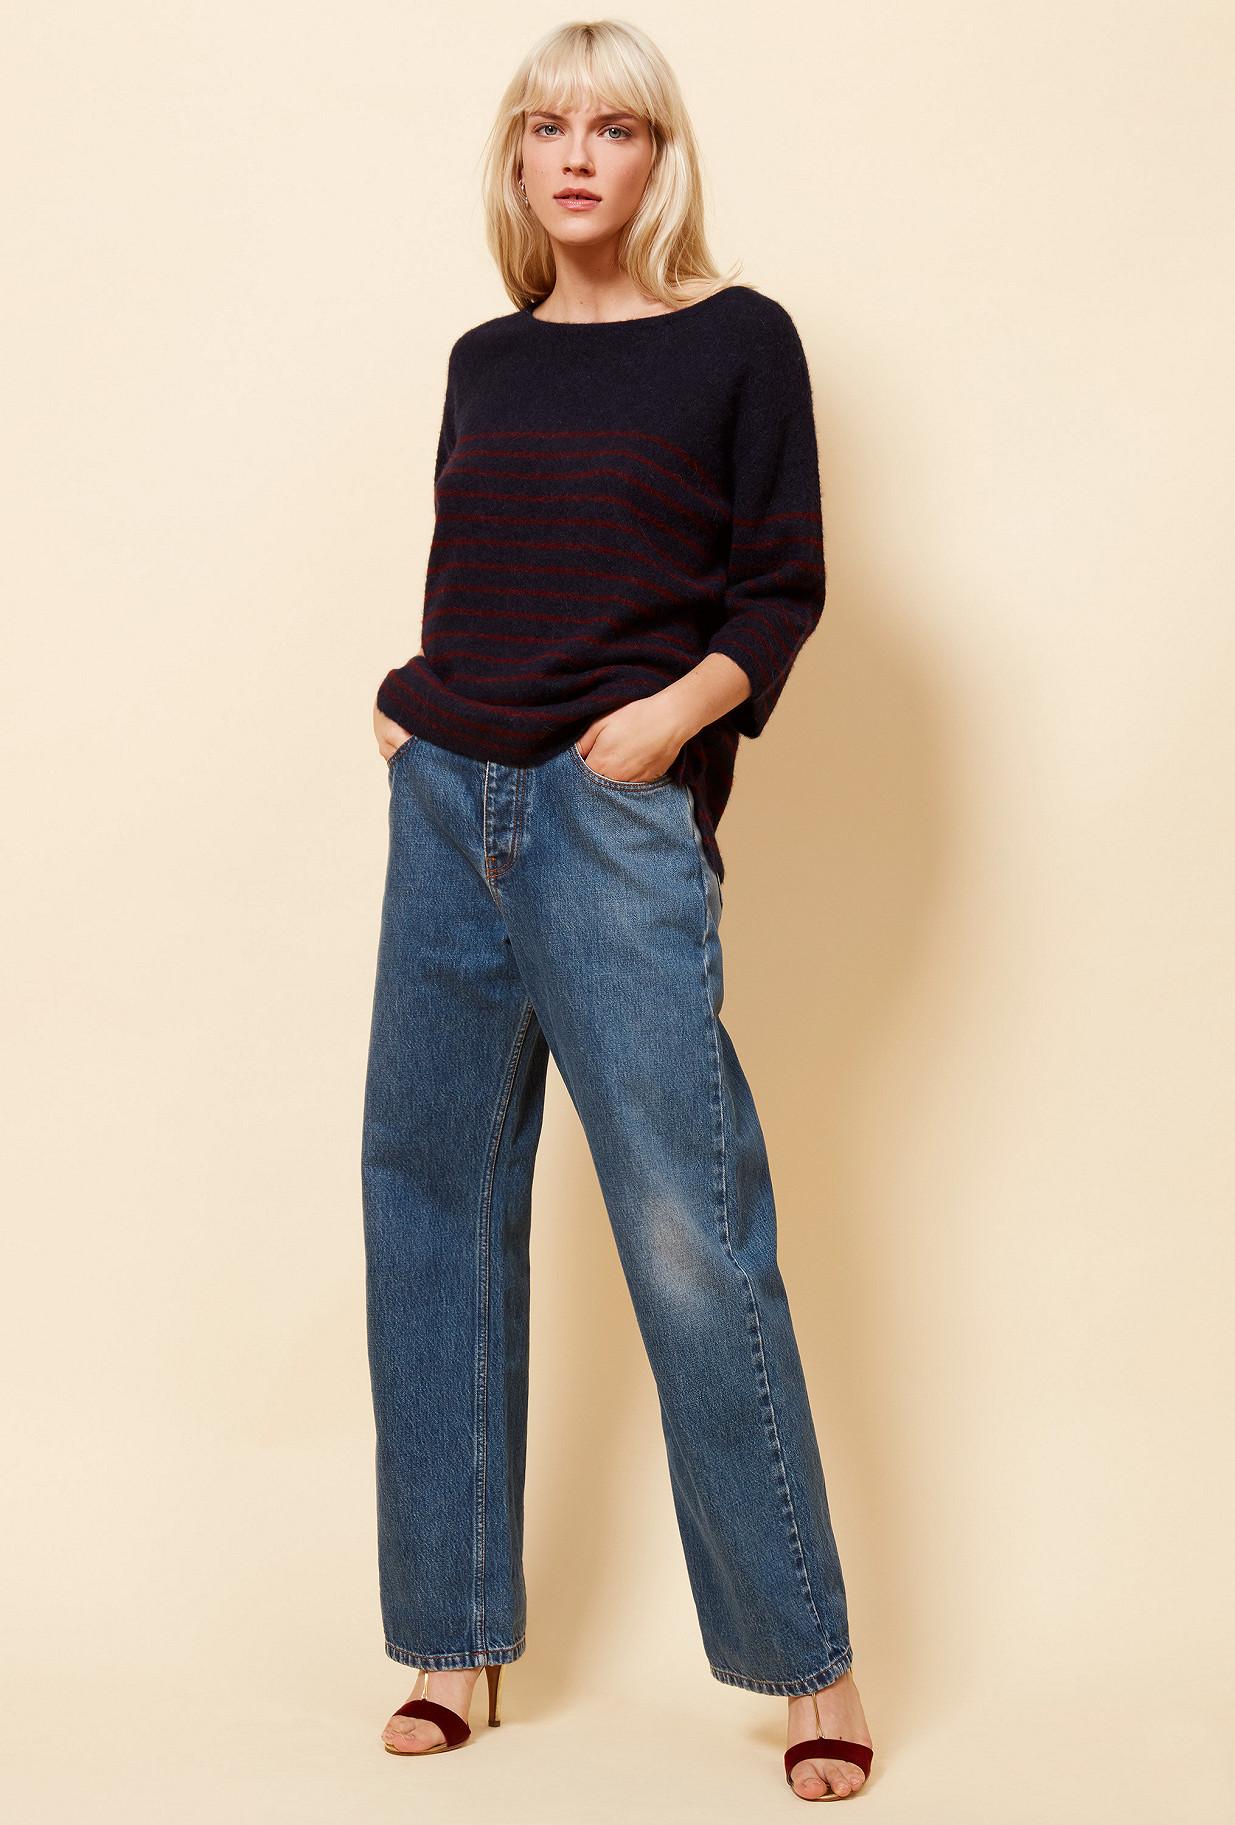 Paris clothes store KNITS  Autissier french designer fashion Paris